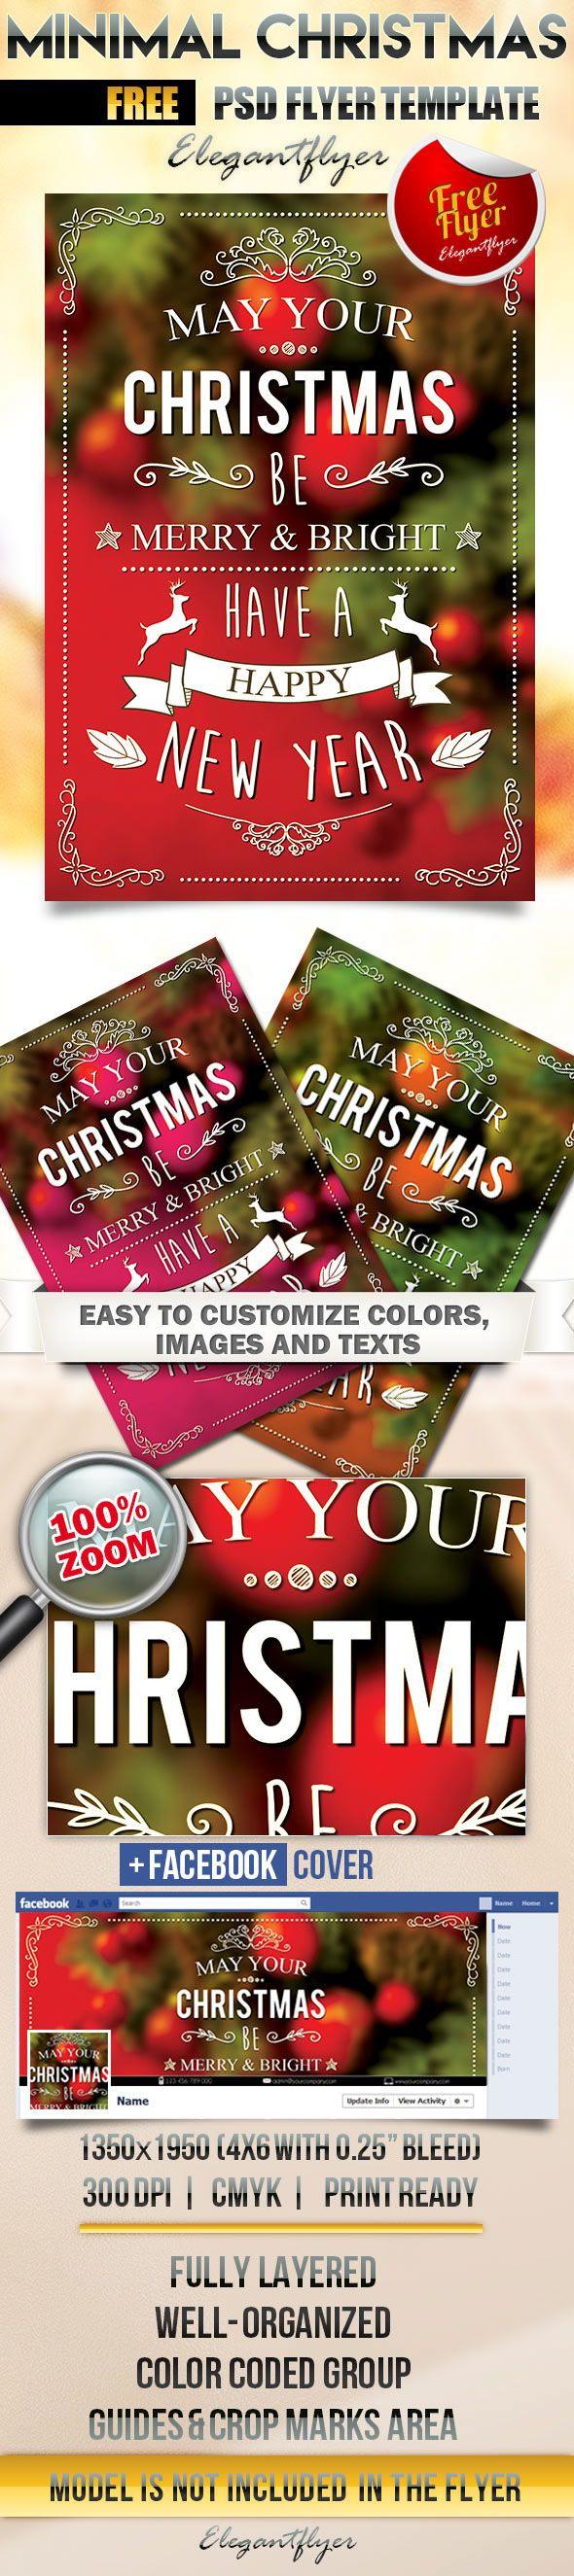 http://www.byteswire.com/best-free-christmas-flyer-templates/ 15+ Best Free Christmas Flyer Templates  #christmasflyers, #partyflyers